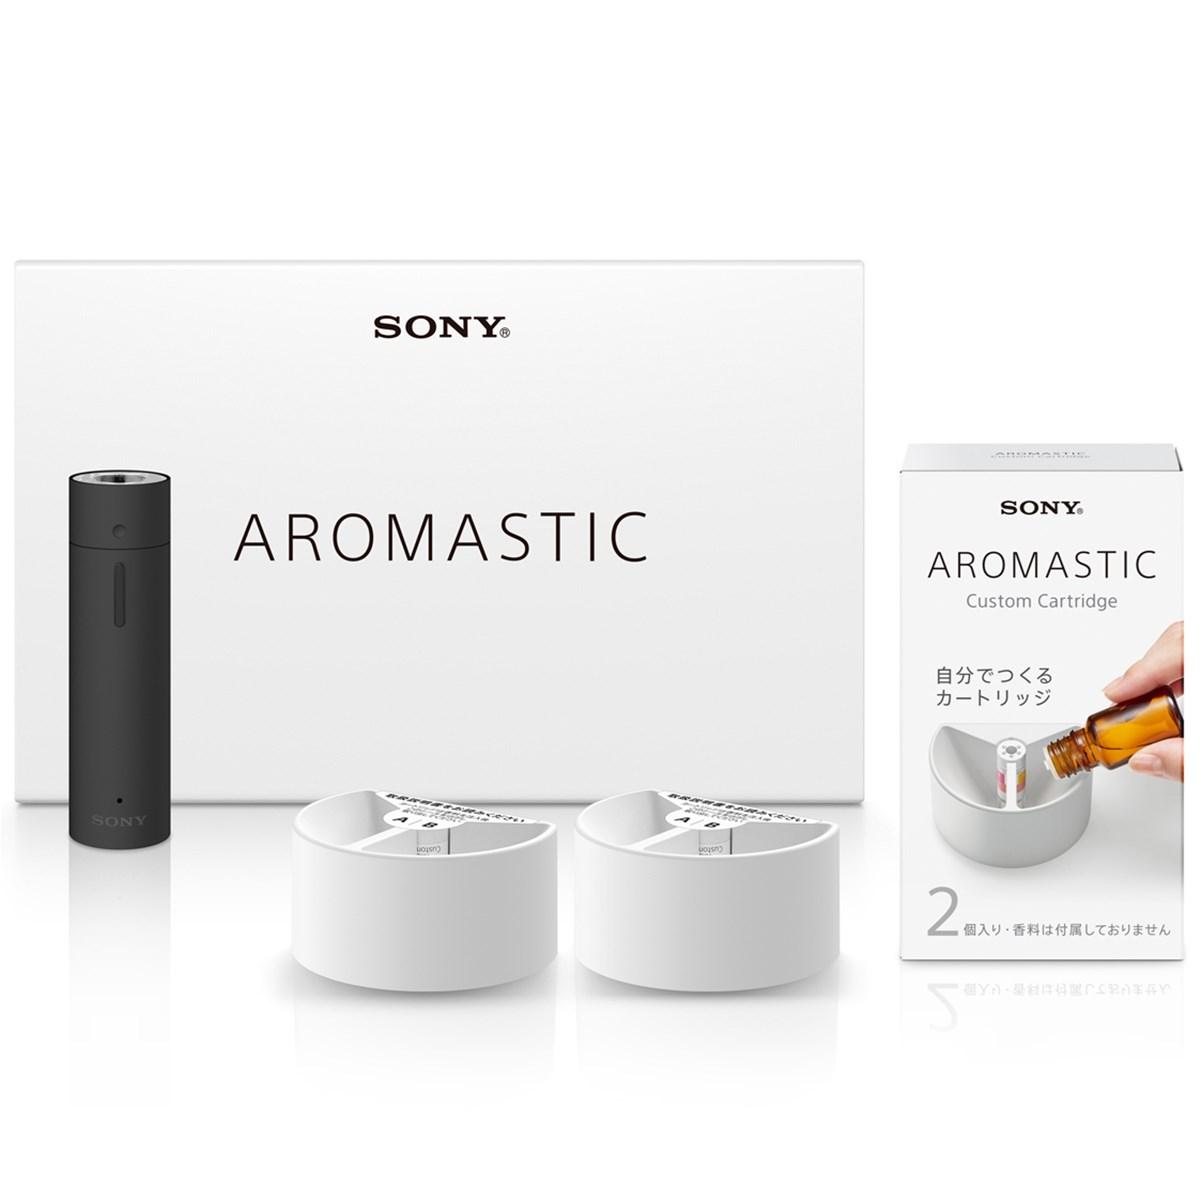 ソニー・コンピュータエンタテインメント AROMASTIC Gift Box